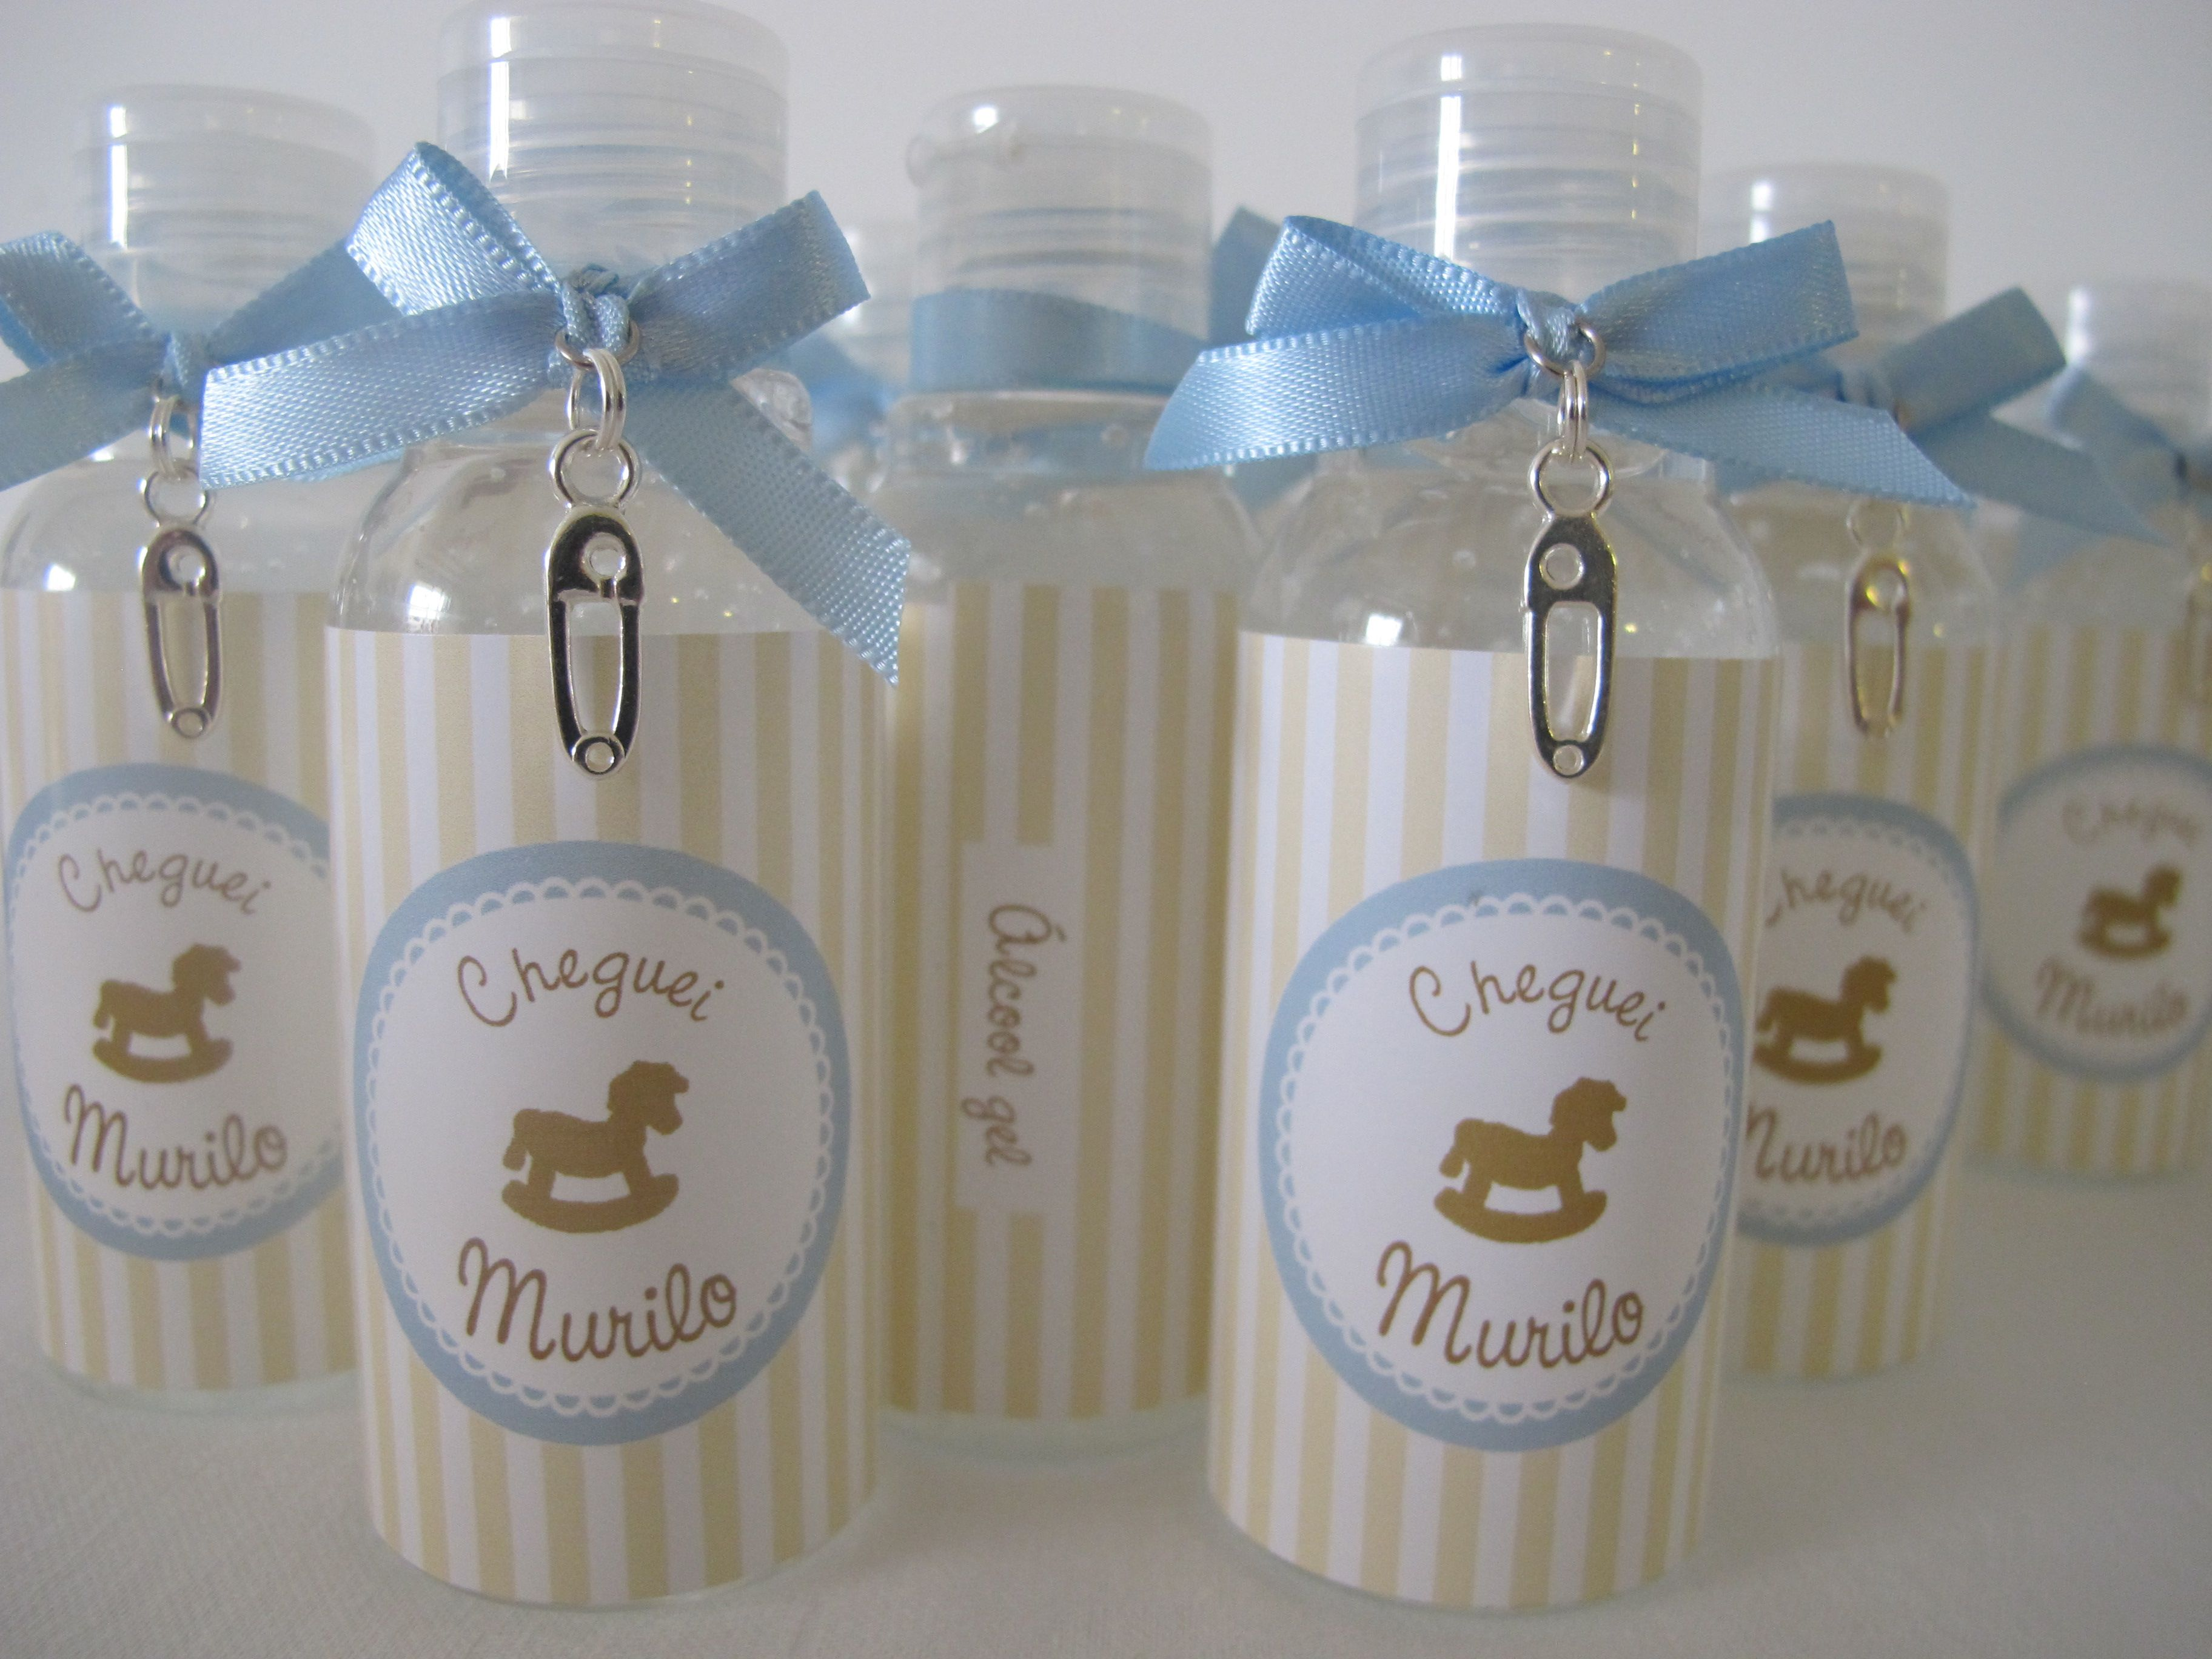 Favoritos Lembrancinha Maternidade] - álcool gel | Para nosso bebê - Quarto  JC89